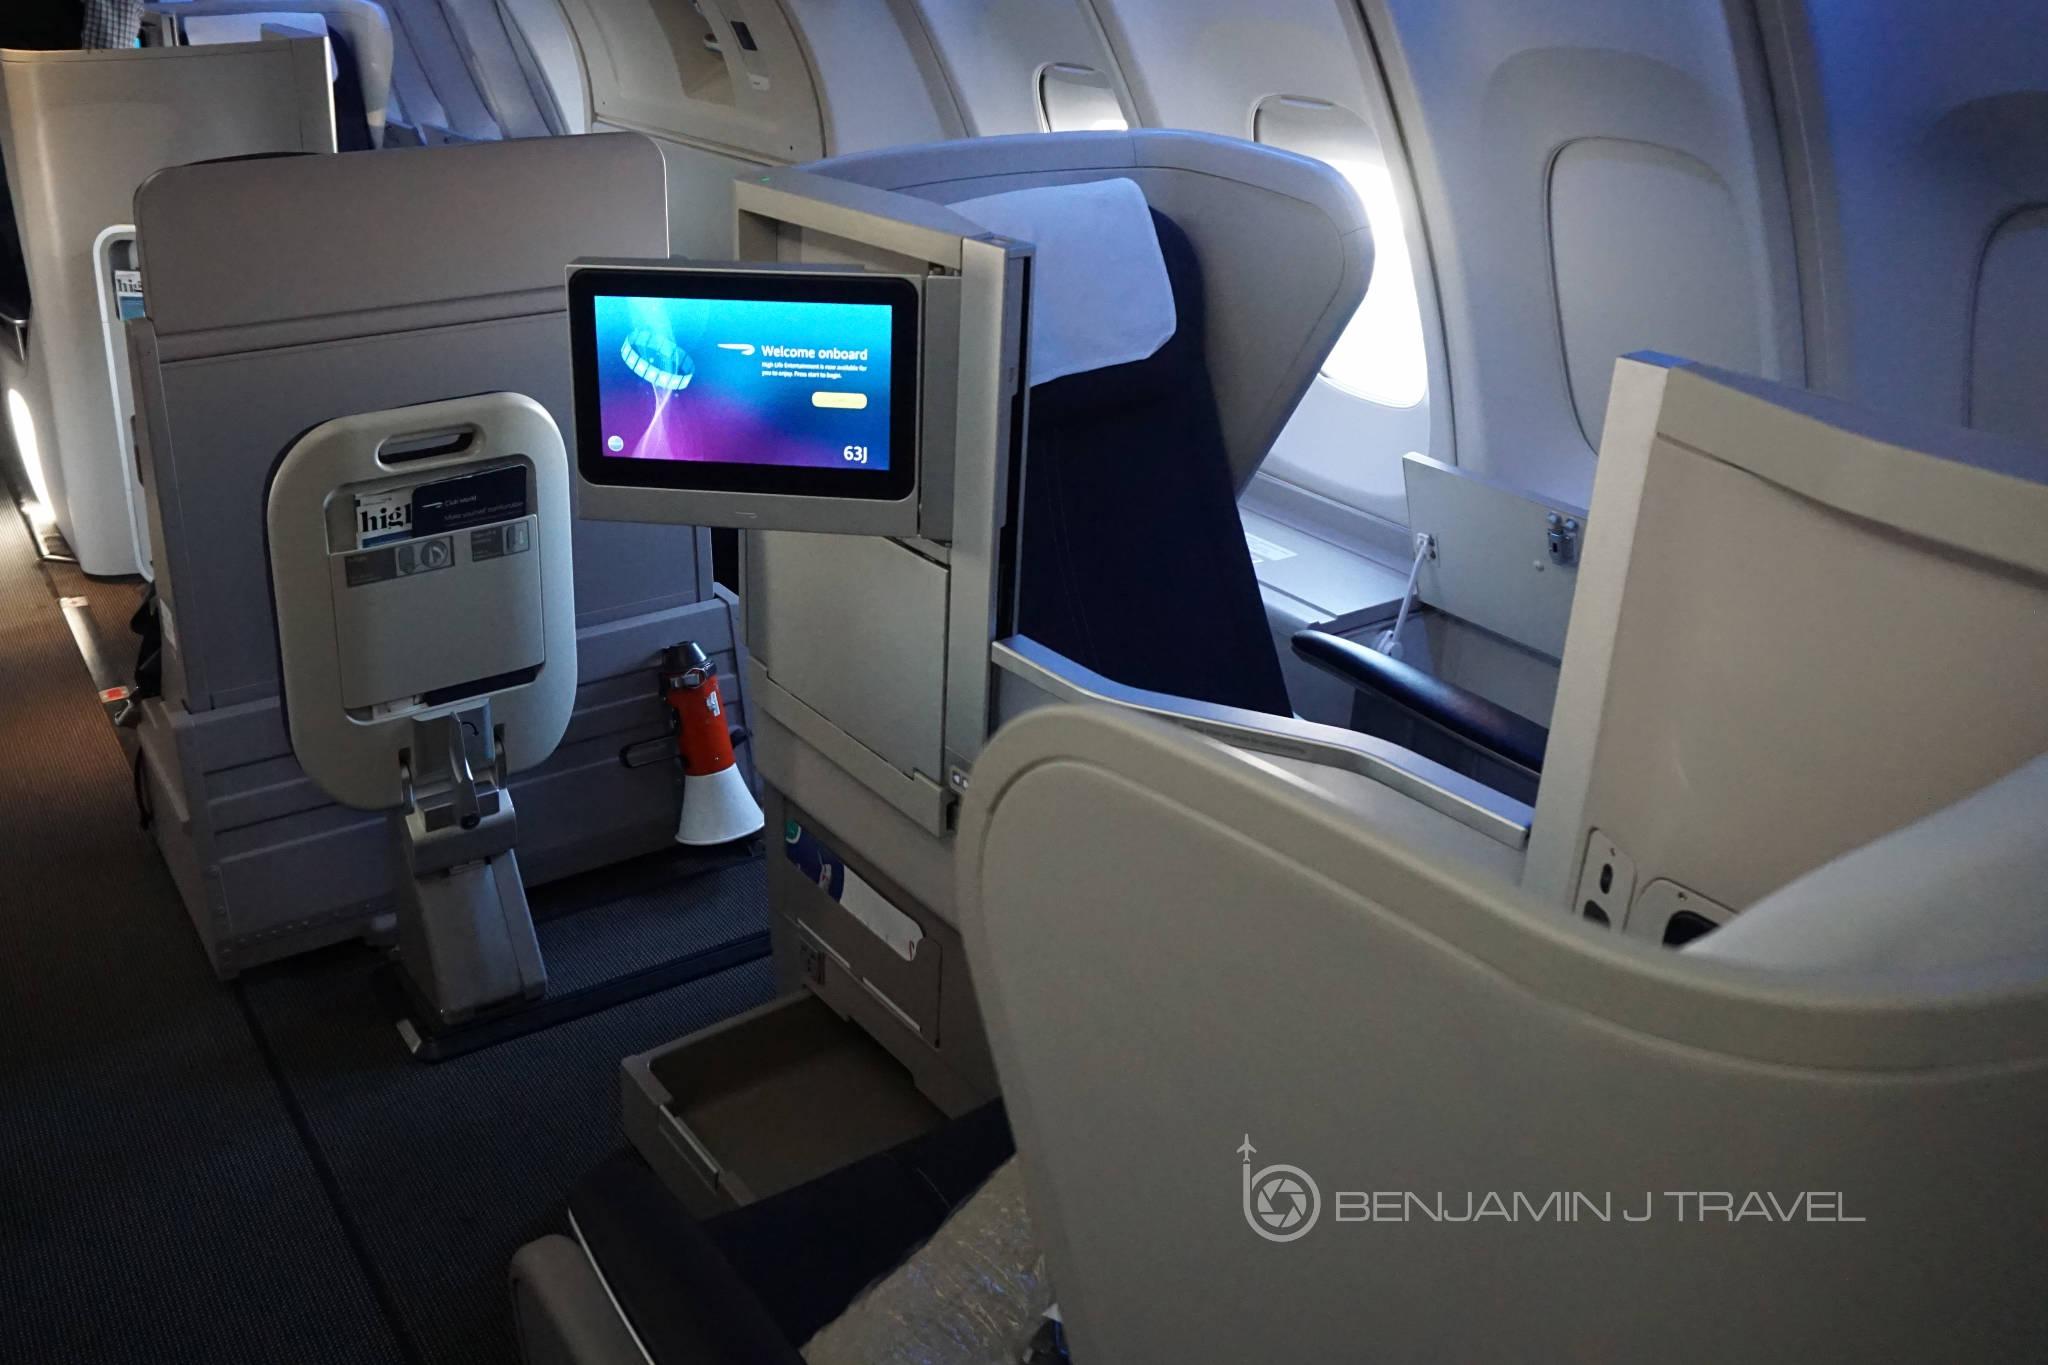 Trip Report: Upper Deck Club World on British Airways' 747